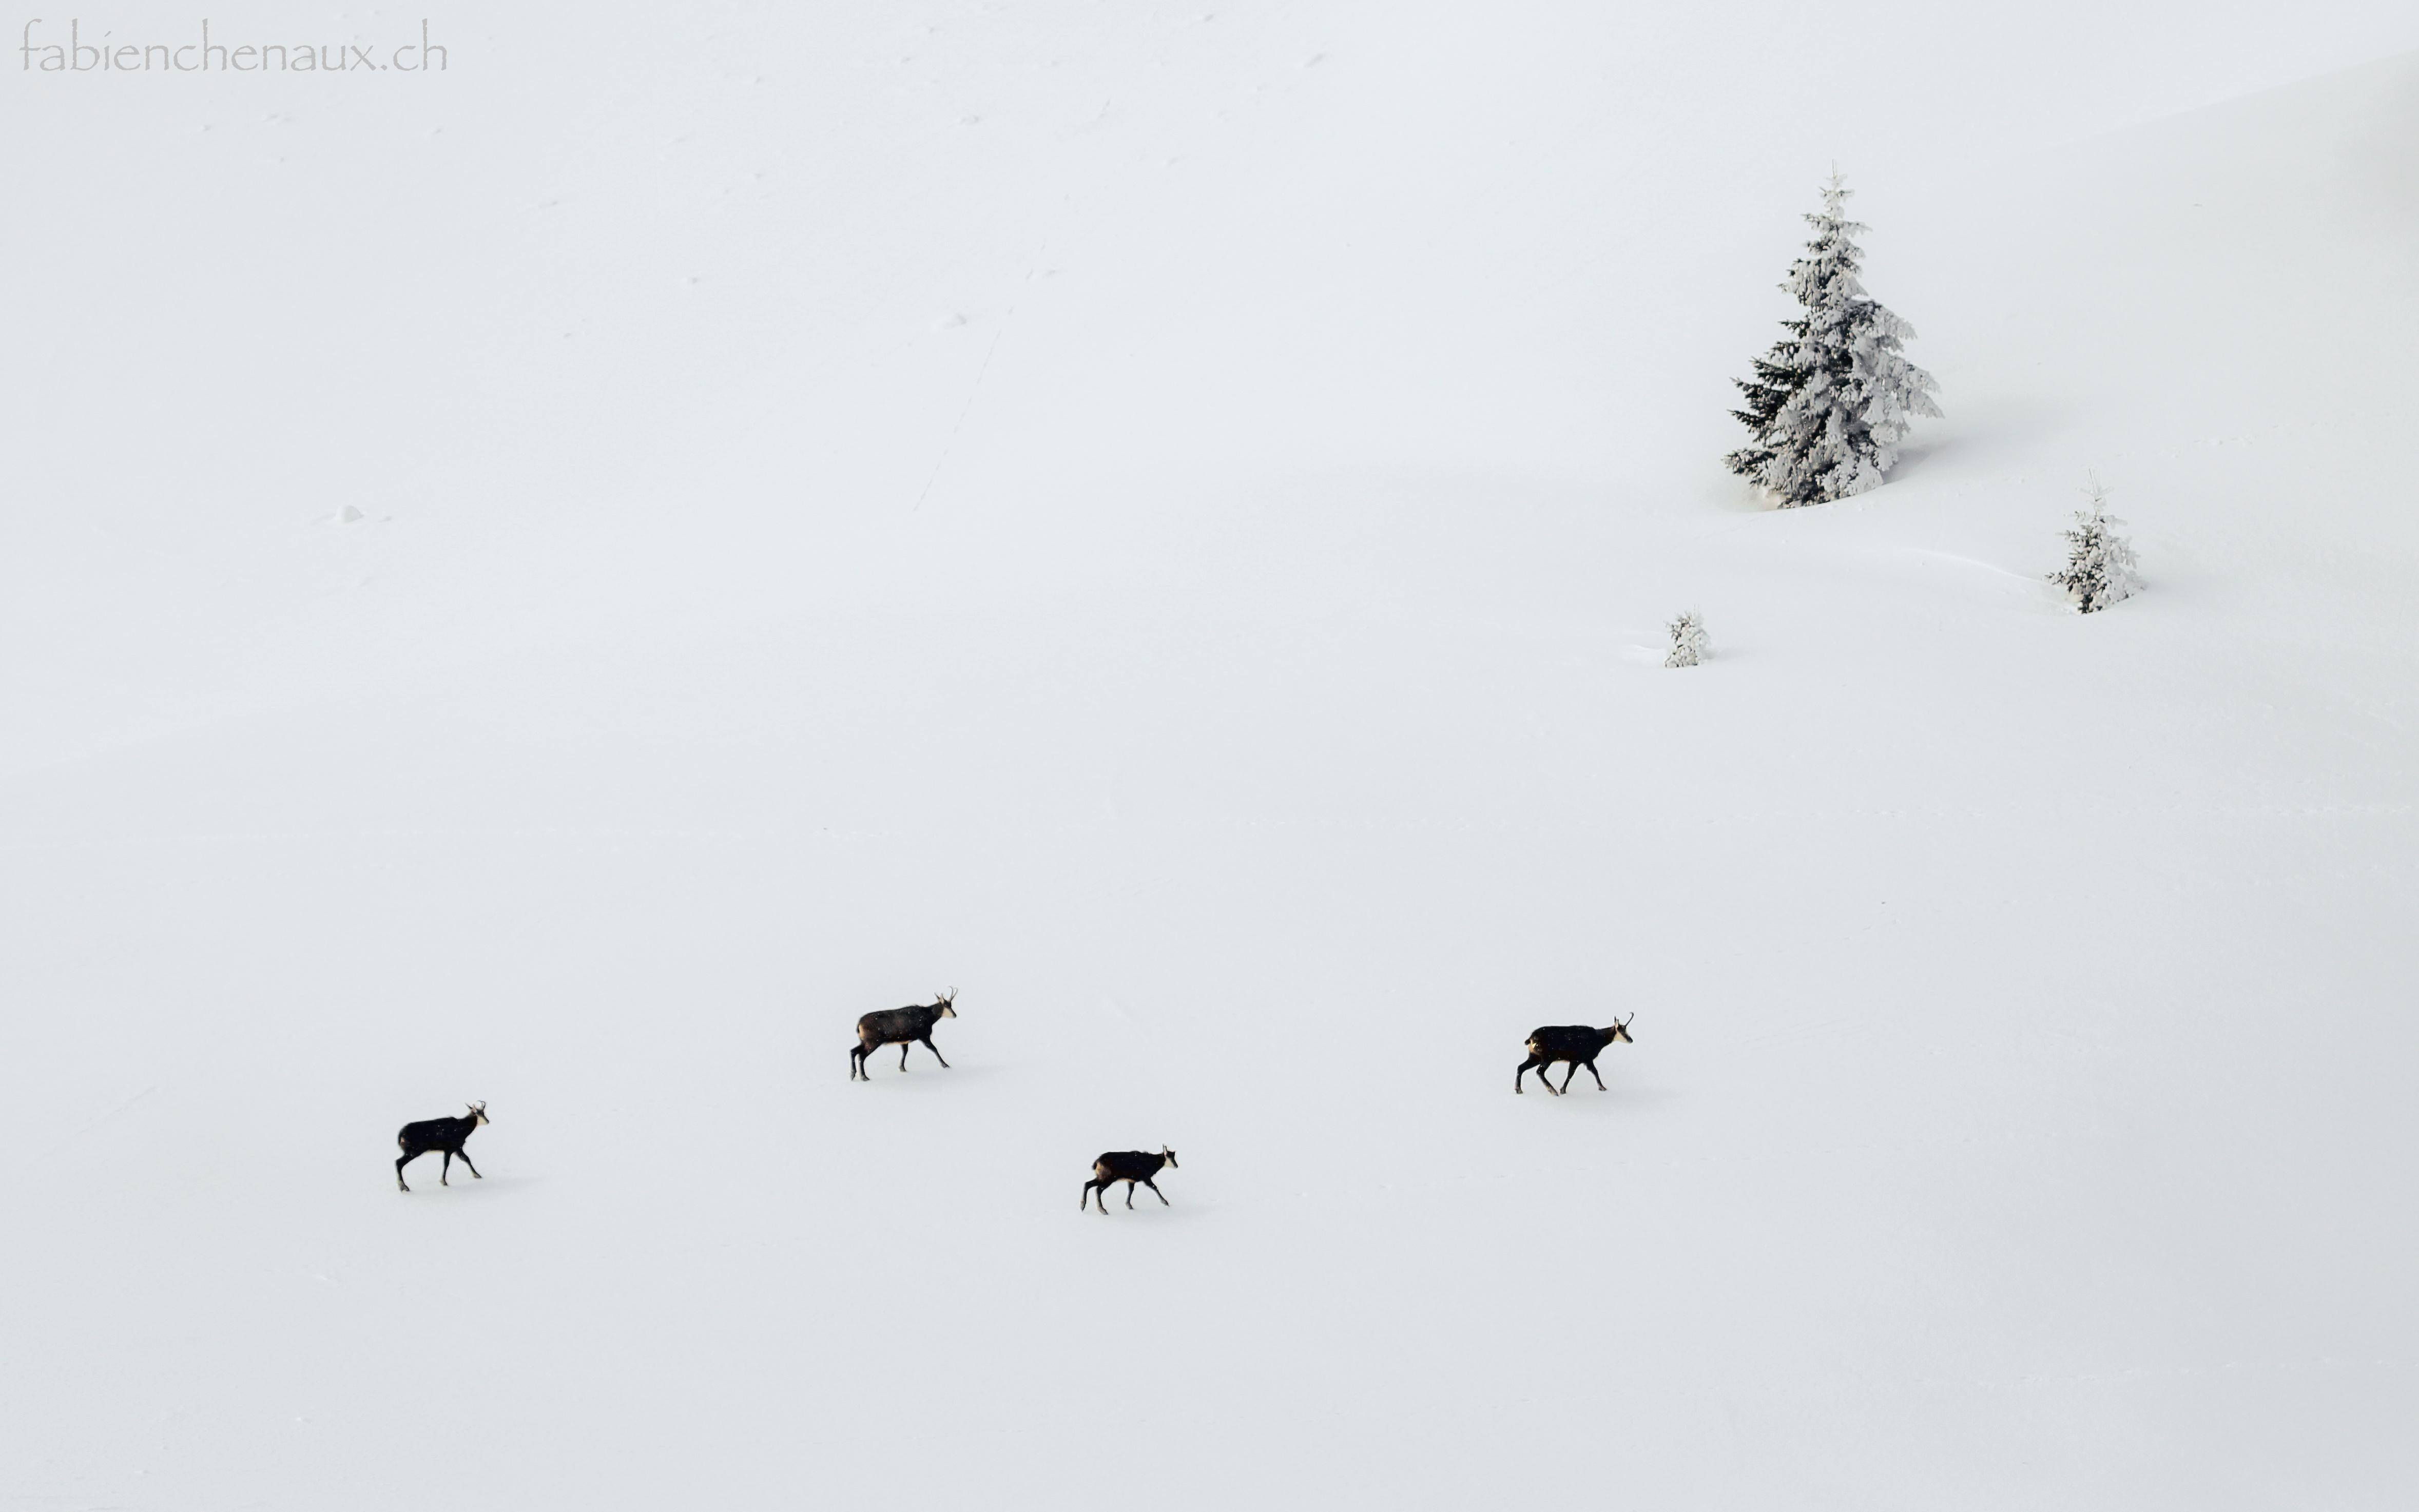 La traversée de l'hiver...II